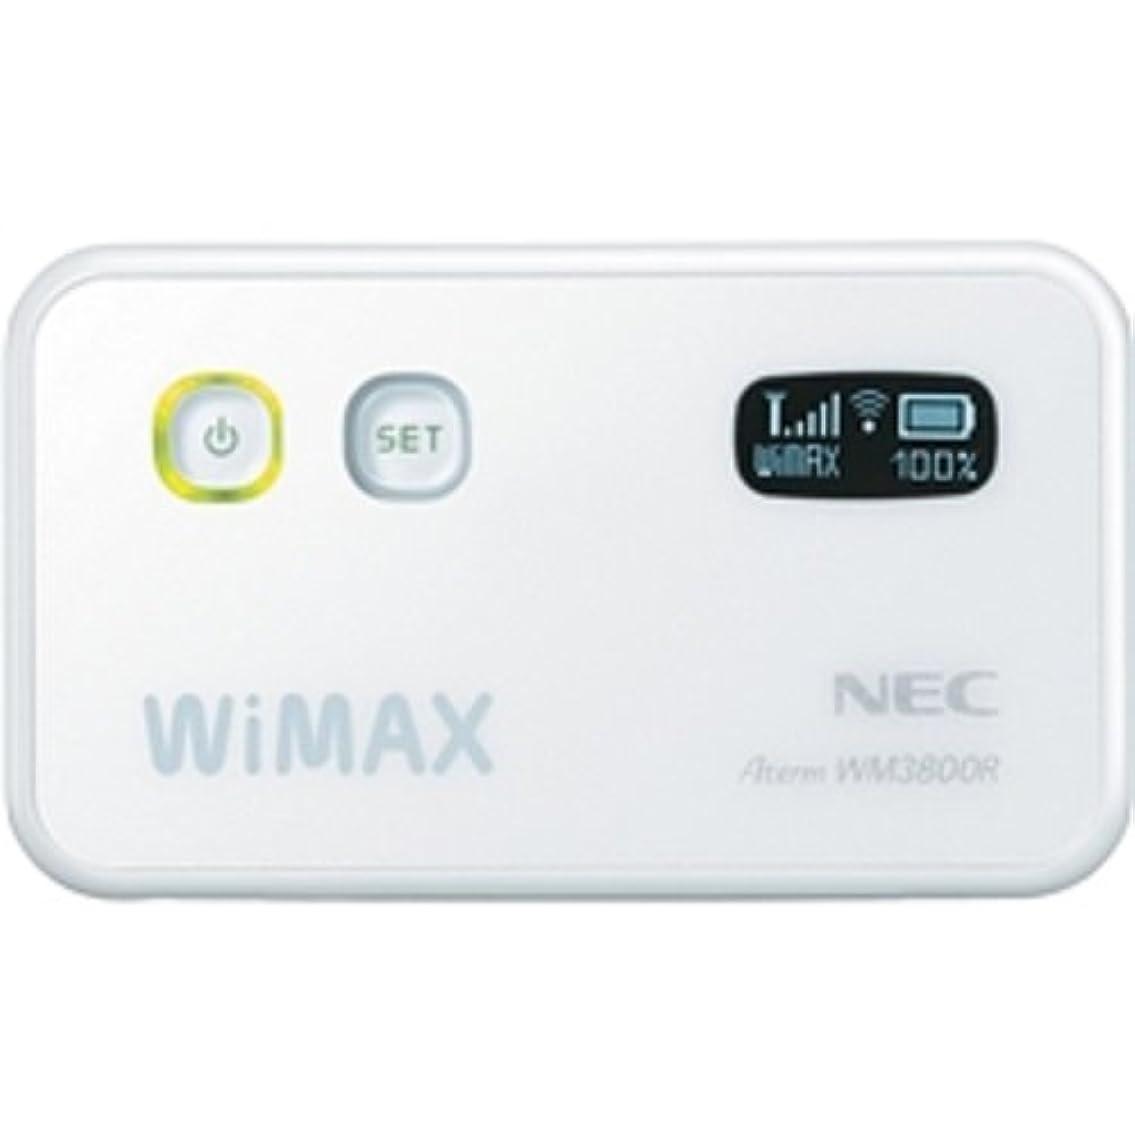 日本電気 DIS mobile WiMAX専用WiMAXモバイルルータ AtermWM3800R ホワイト PA-WM3800R(DW)W